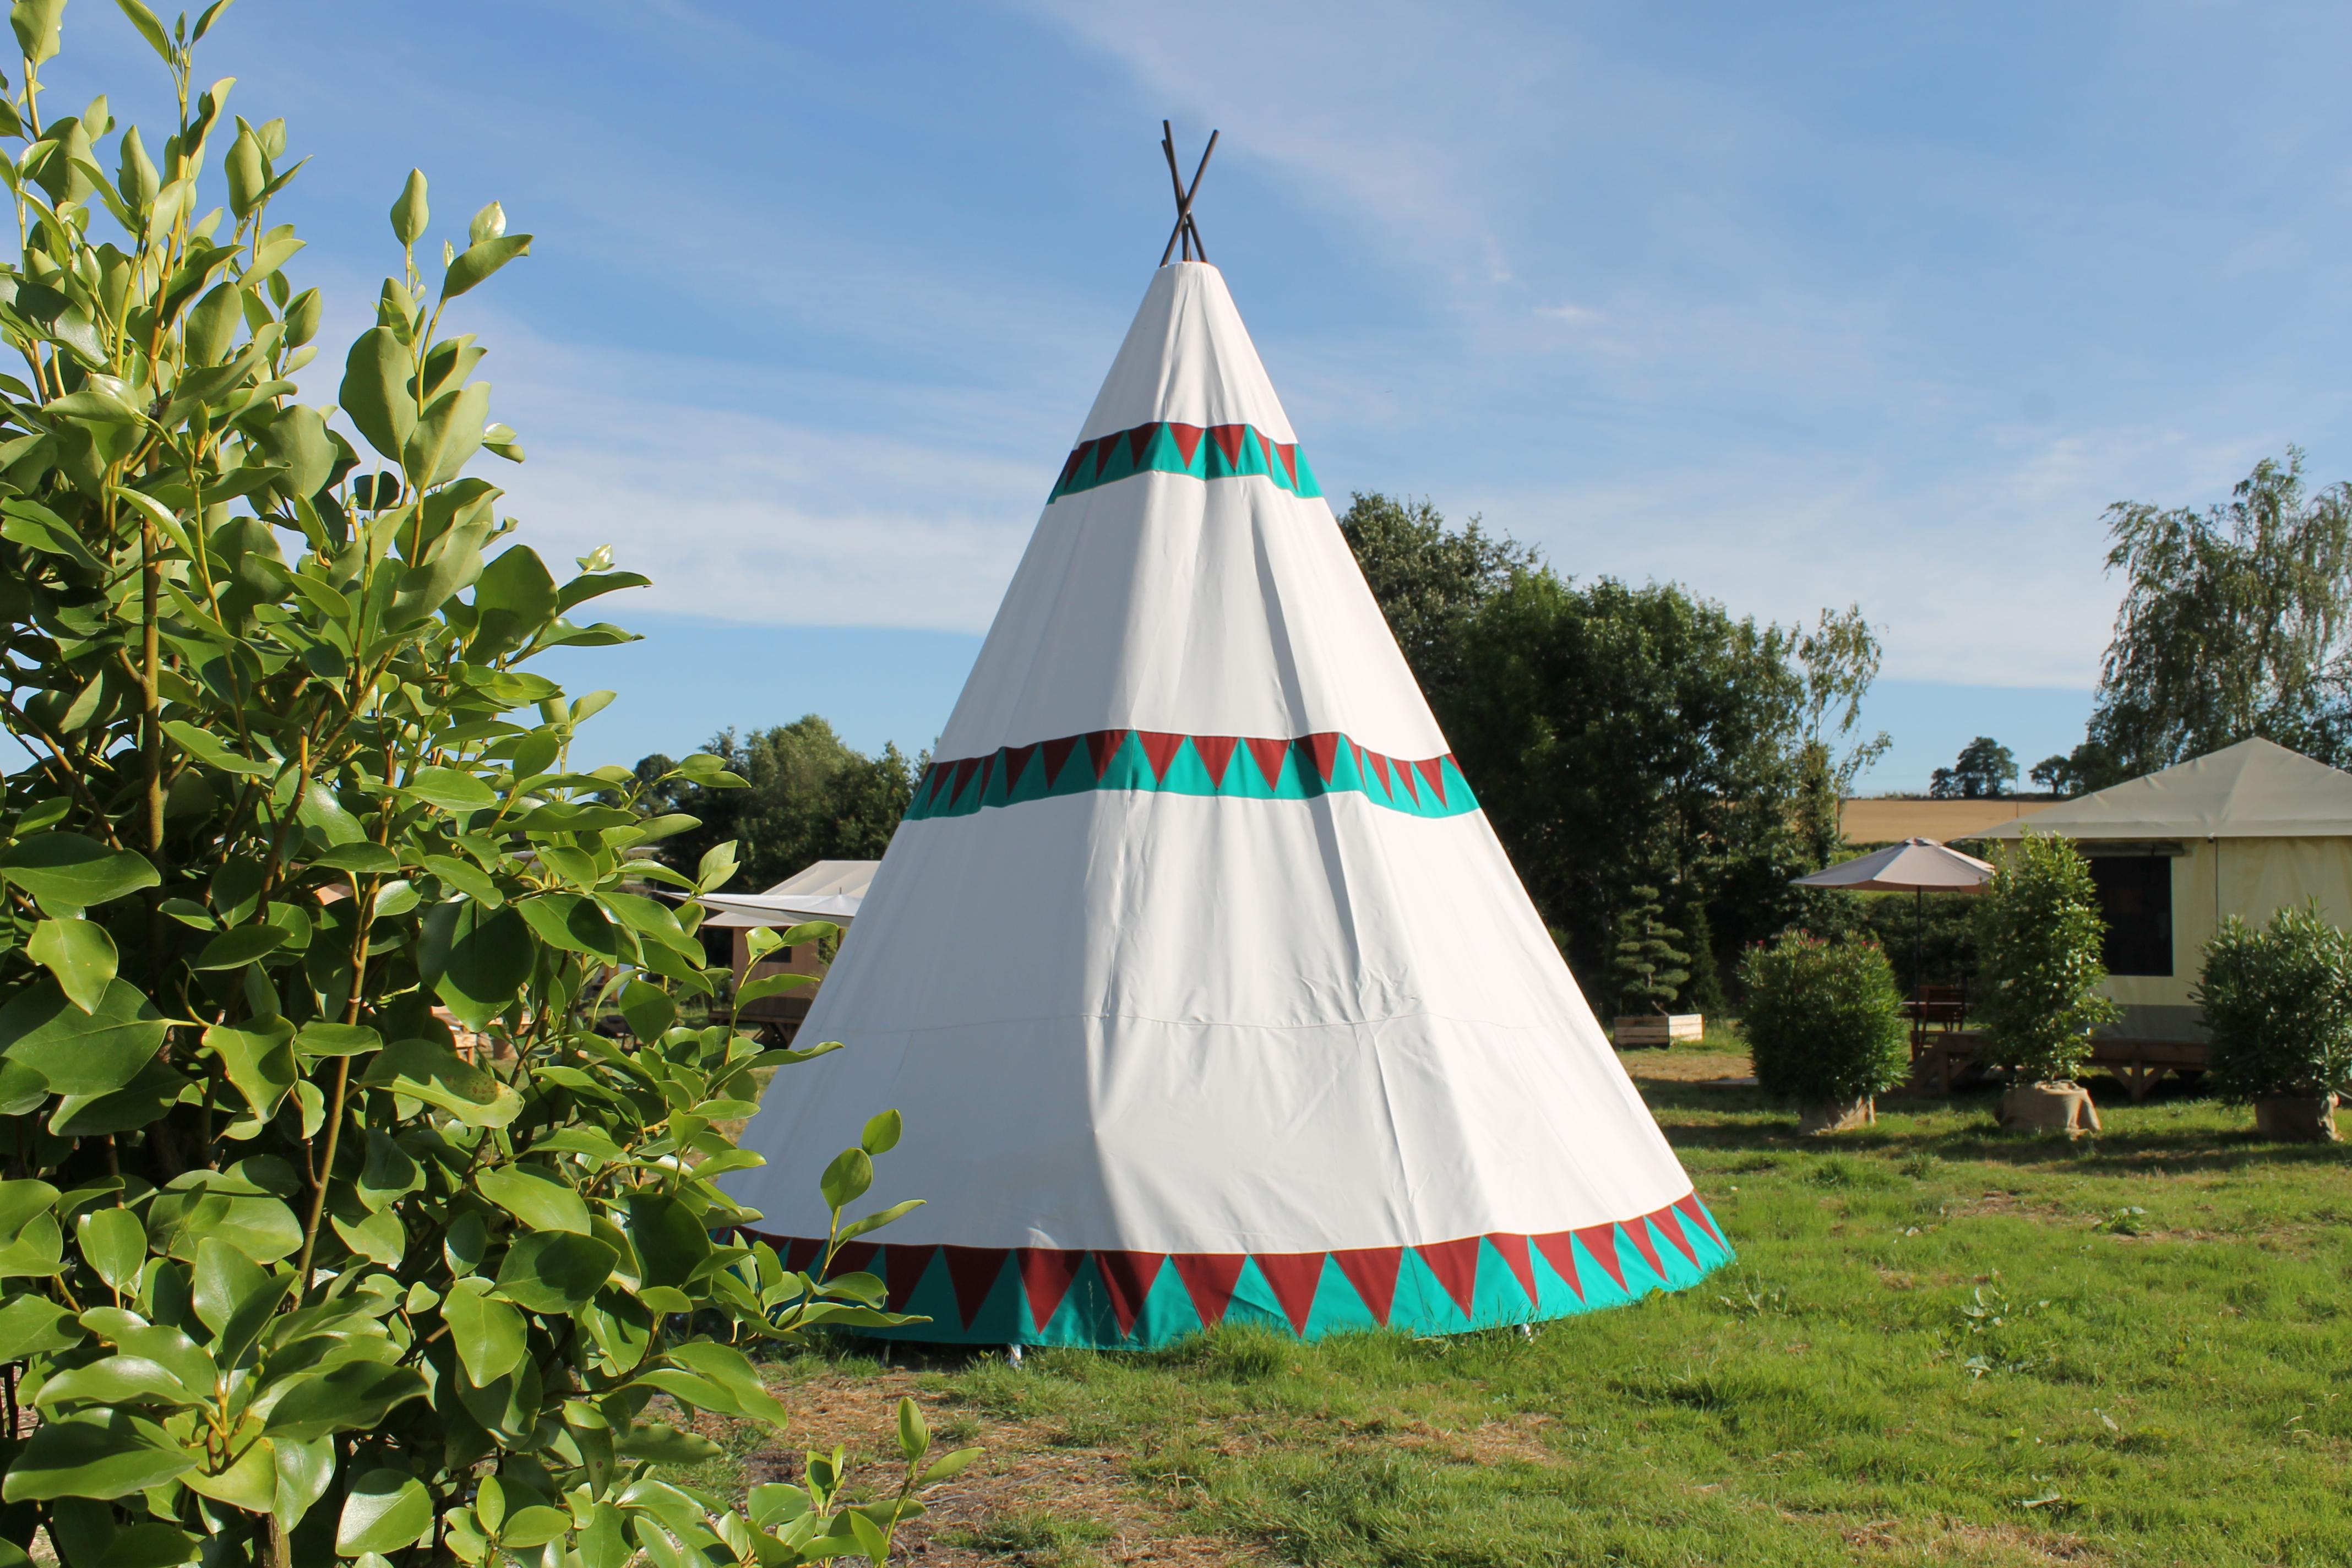 construire un tipi indien la cabane de mon petit indien construire un tipi latoilescoute. Black Bedroom Furniture Sets. Home Design Ideas